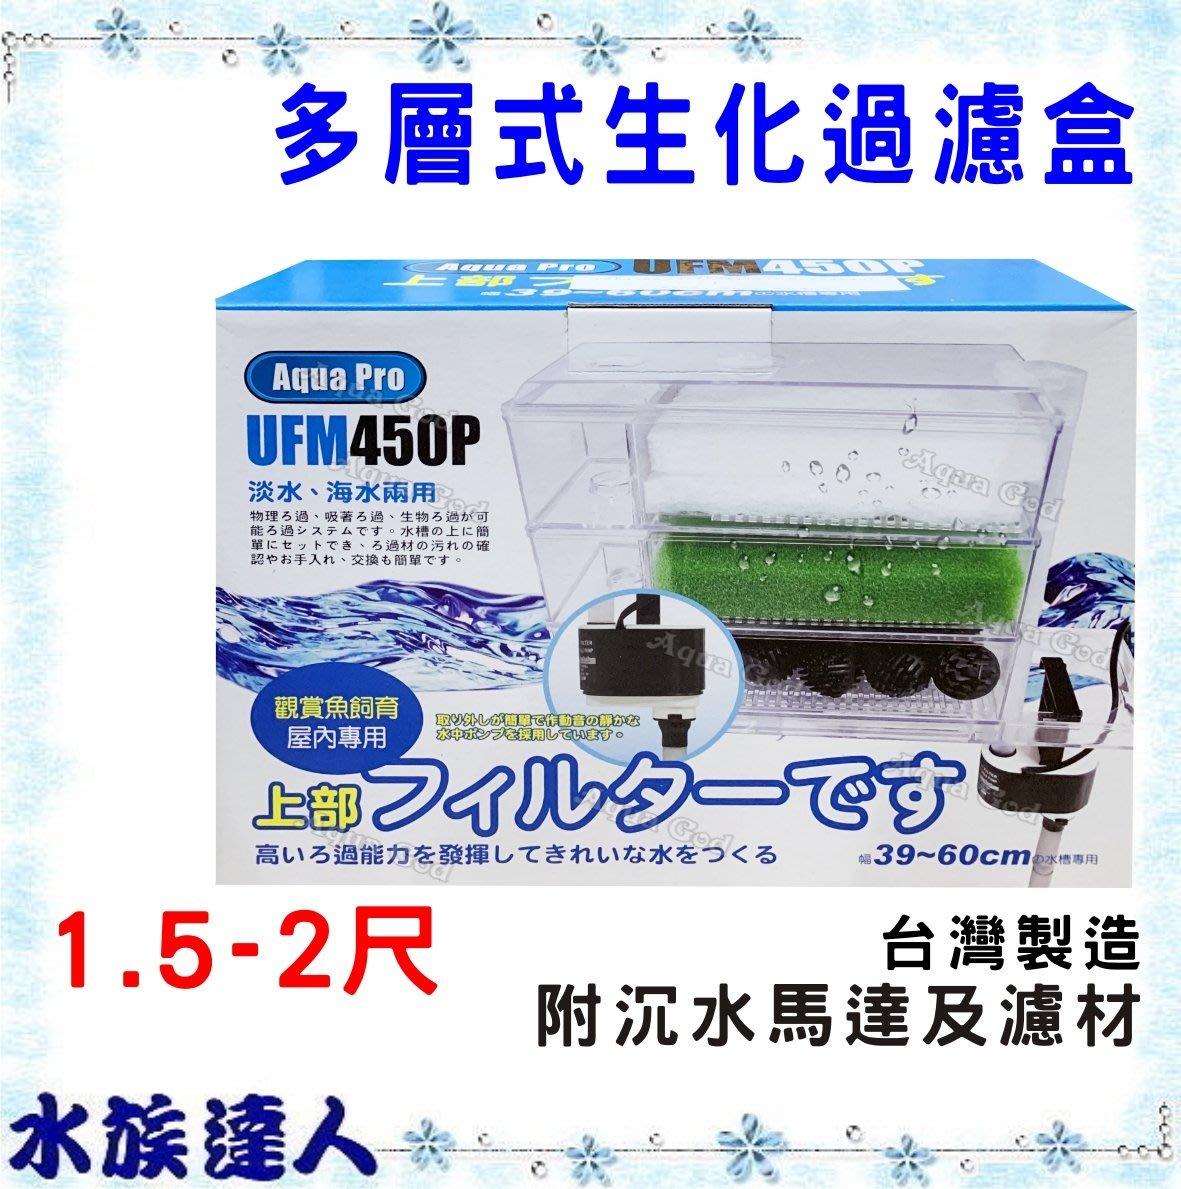 【水族達人】【上部過濾】台灣製造《新款 多層式生化過濾盒1.5~2尺 附沉水馬達及濾材Aqua Pro UFM450P》